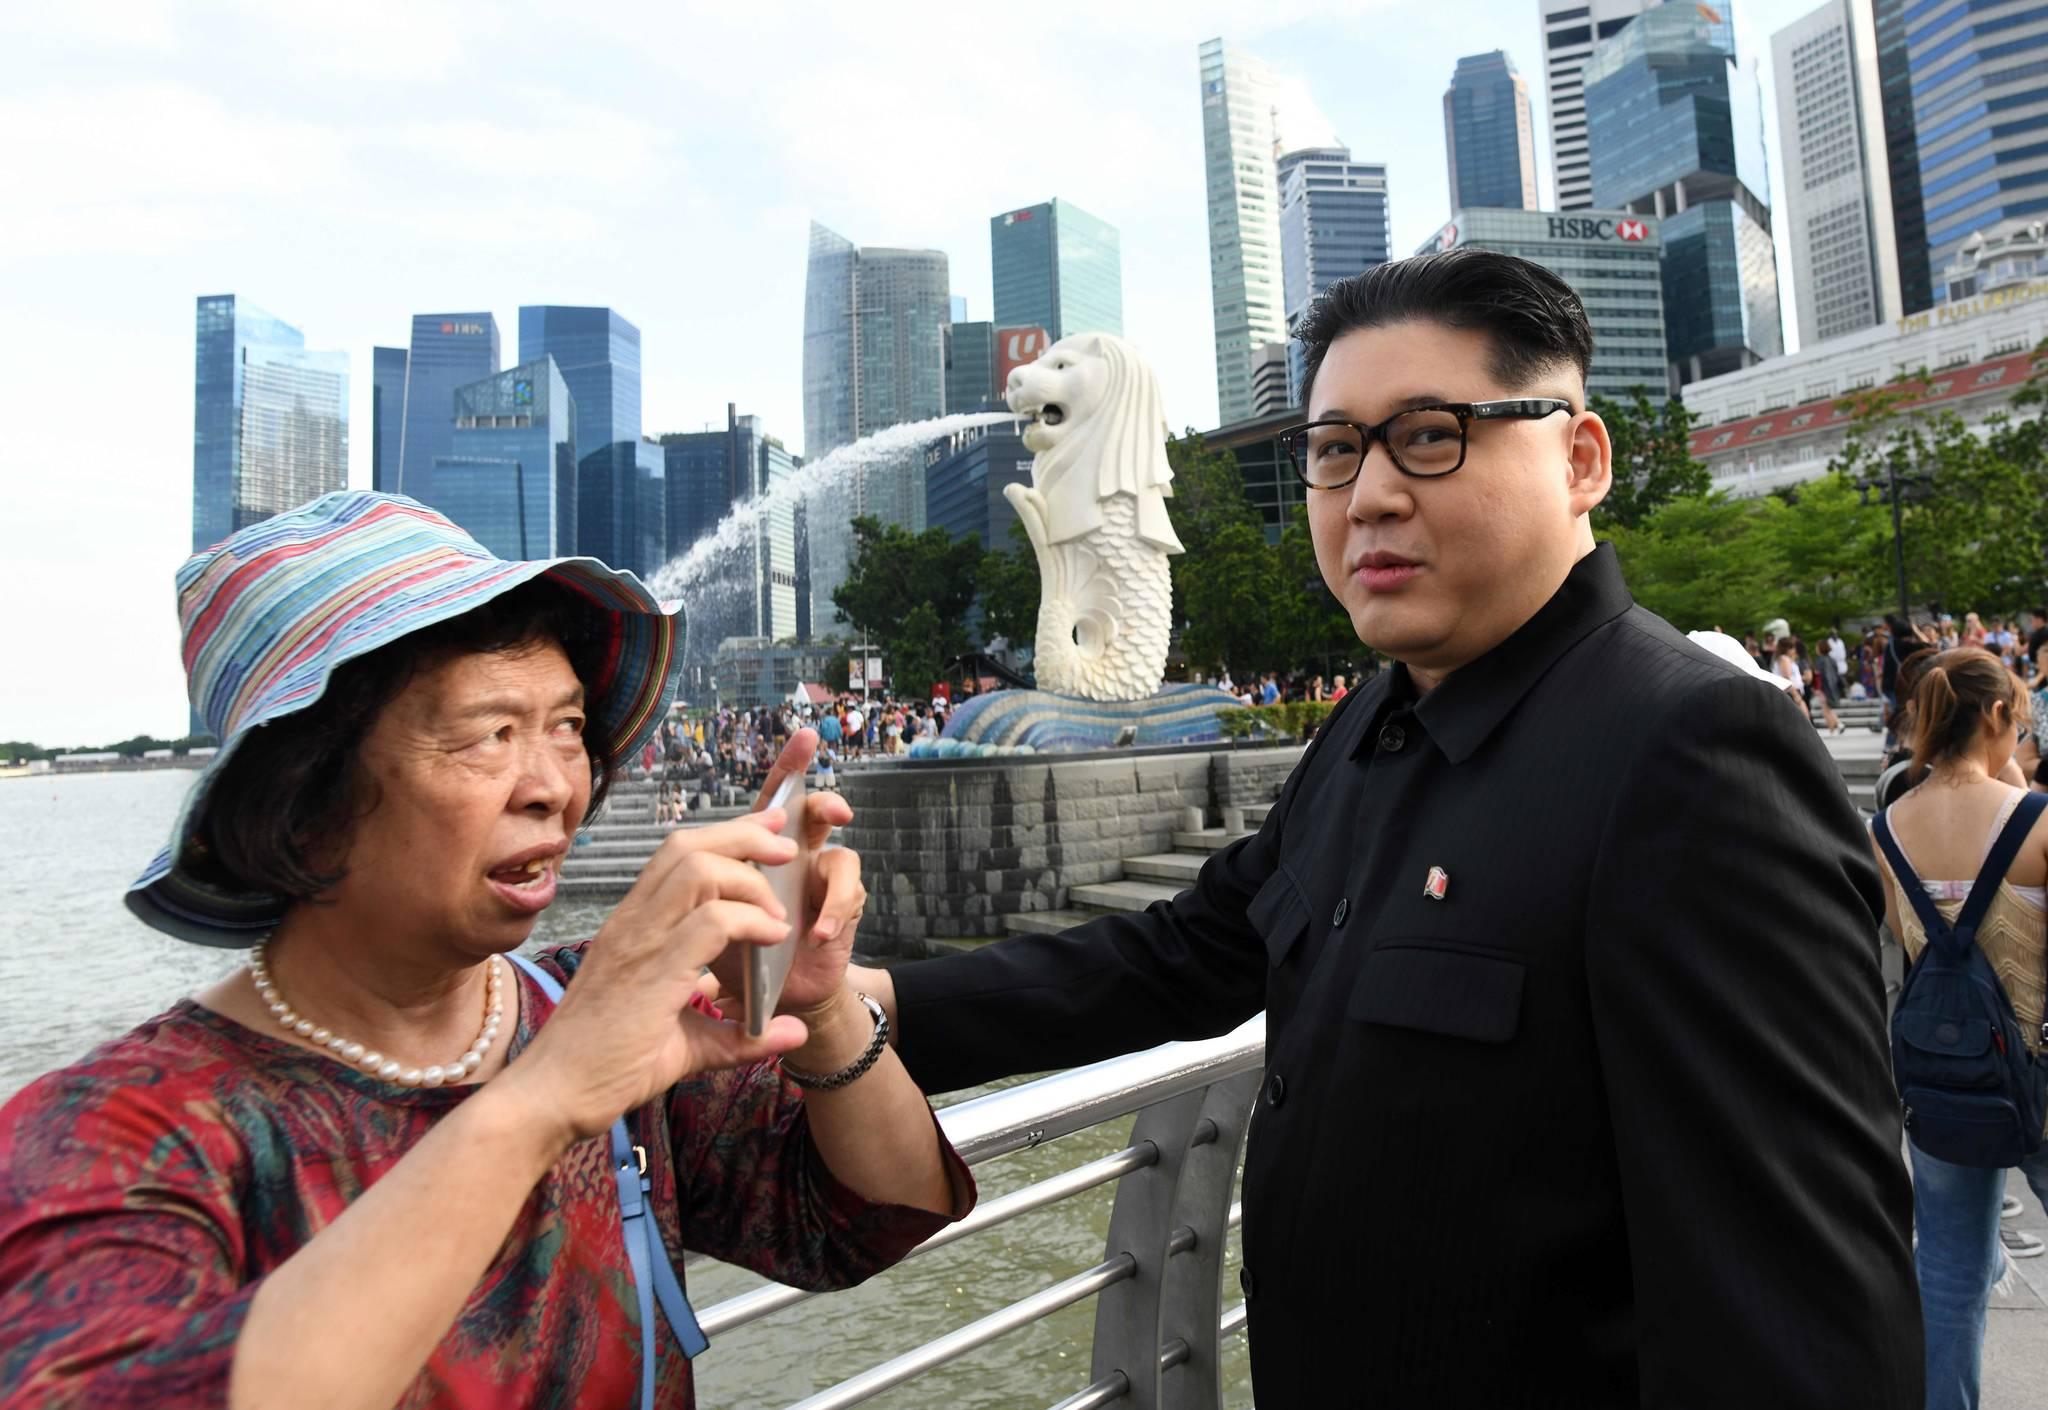 가짜 김정은이 27일(현지시간) 싱가포르 상징인 '머라이언 상' 앞에 나타났다. [AFP=연합뉴스]